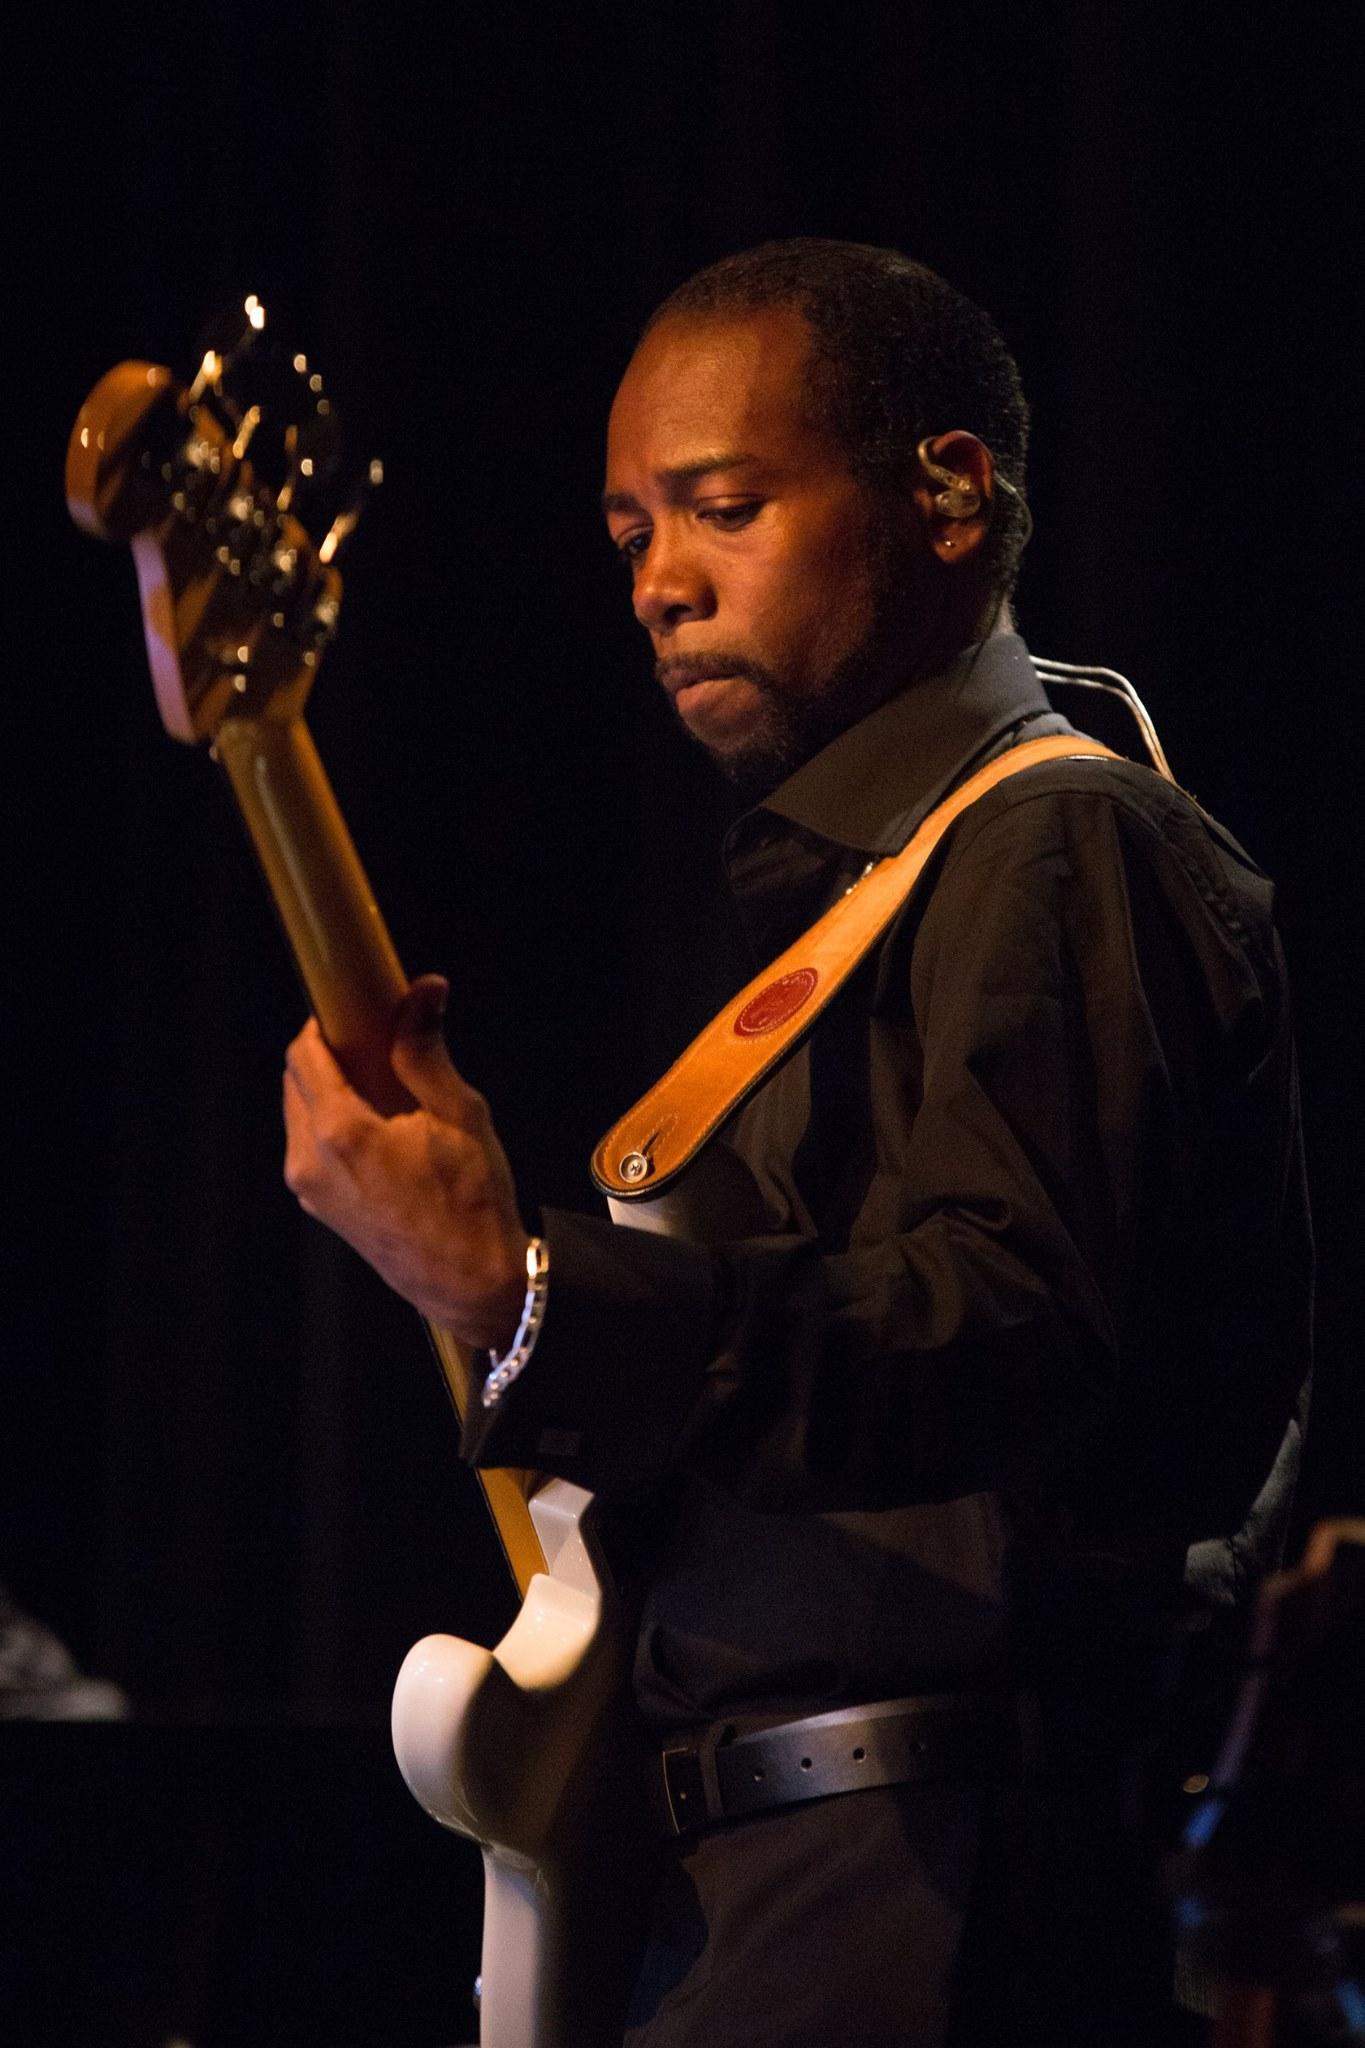 Drayen en concert avec le groupe gospel MANIWATAle samedi 3 novembre à Amboise.